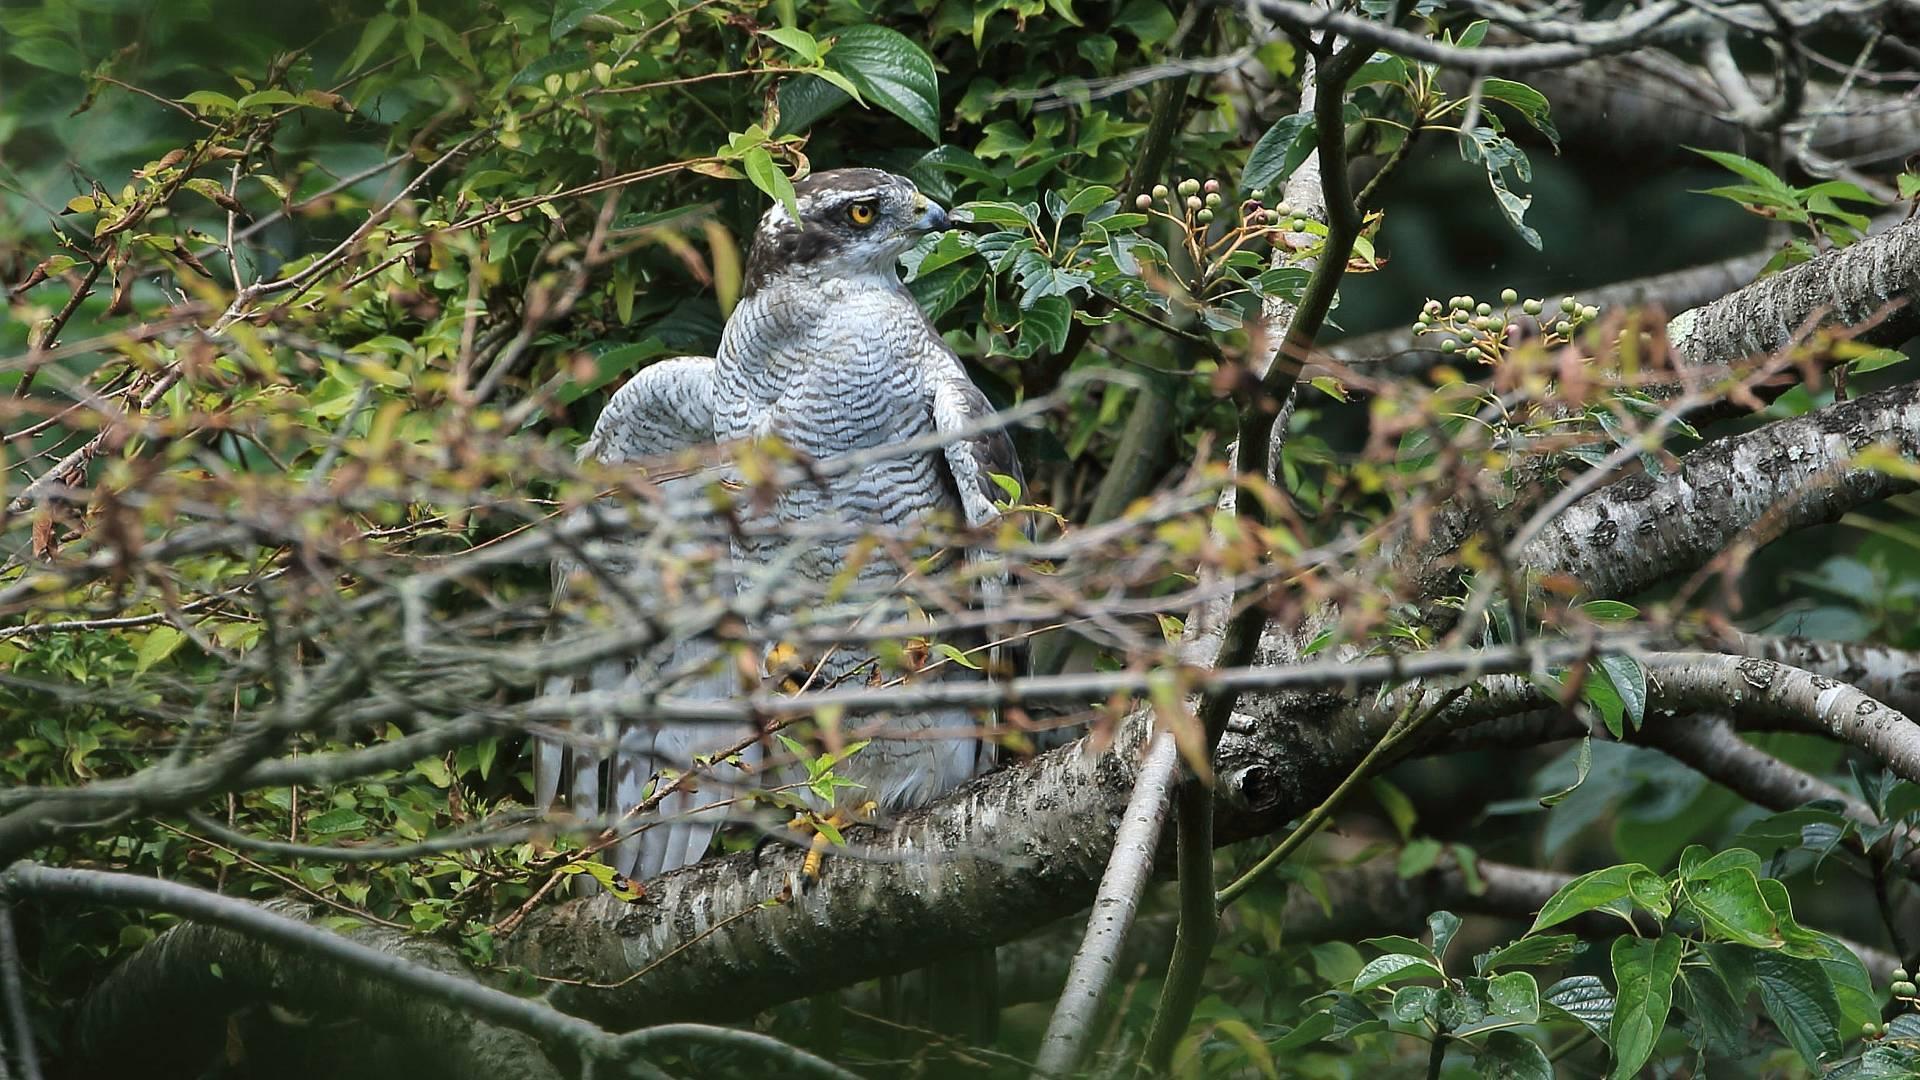 水浴びの後、ゆっくり羽を乾かすオオタカお母さん_f0105570_21434976.jpg